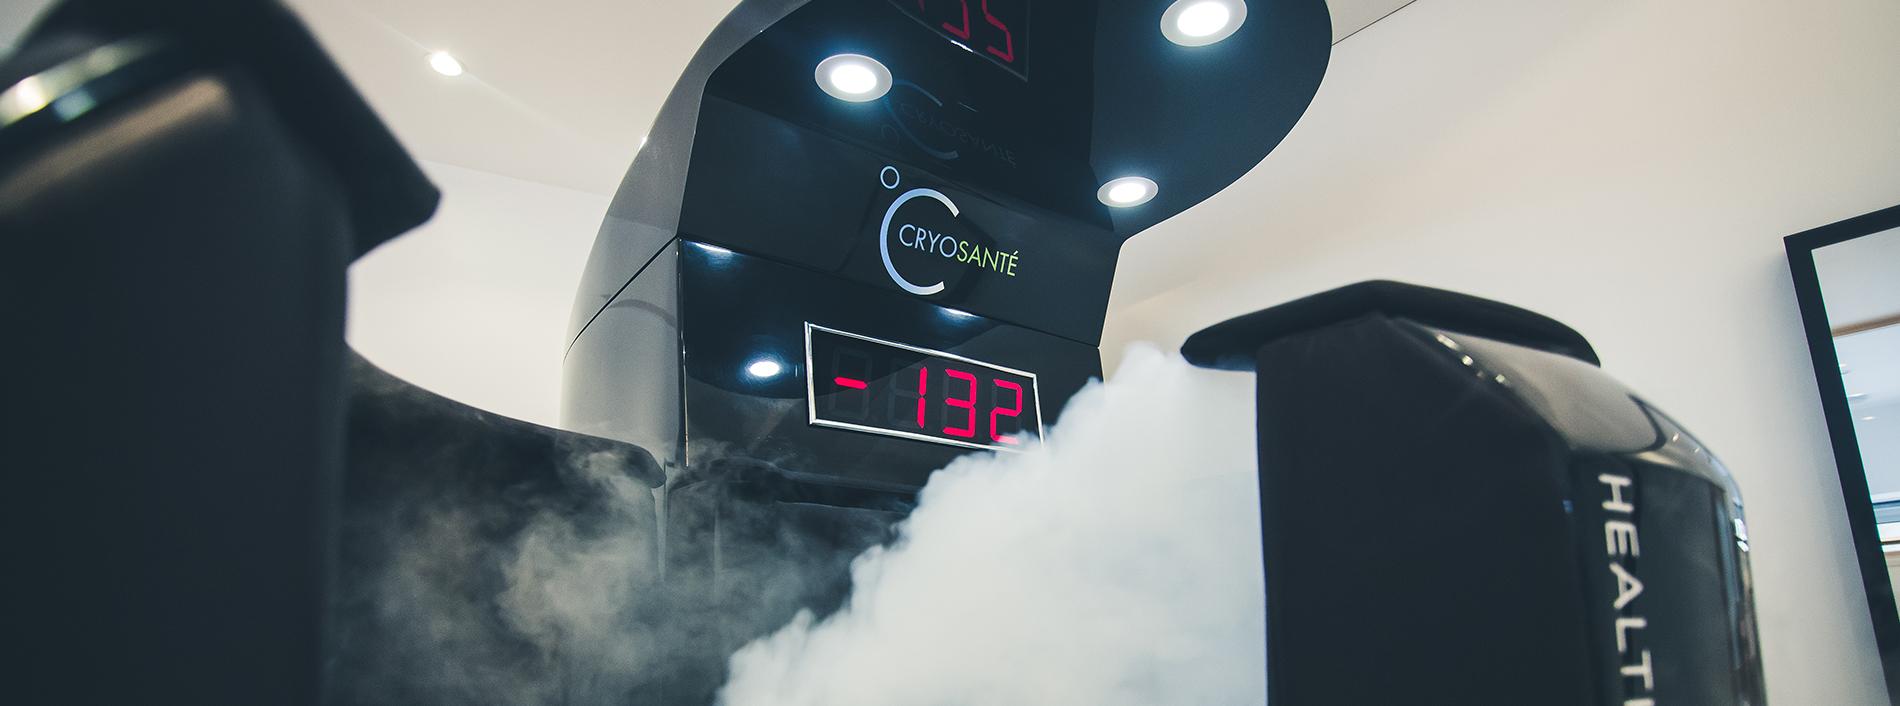 cryothérapie Carousel 1